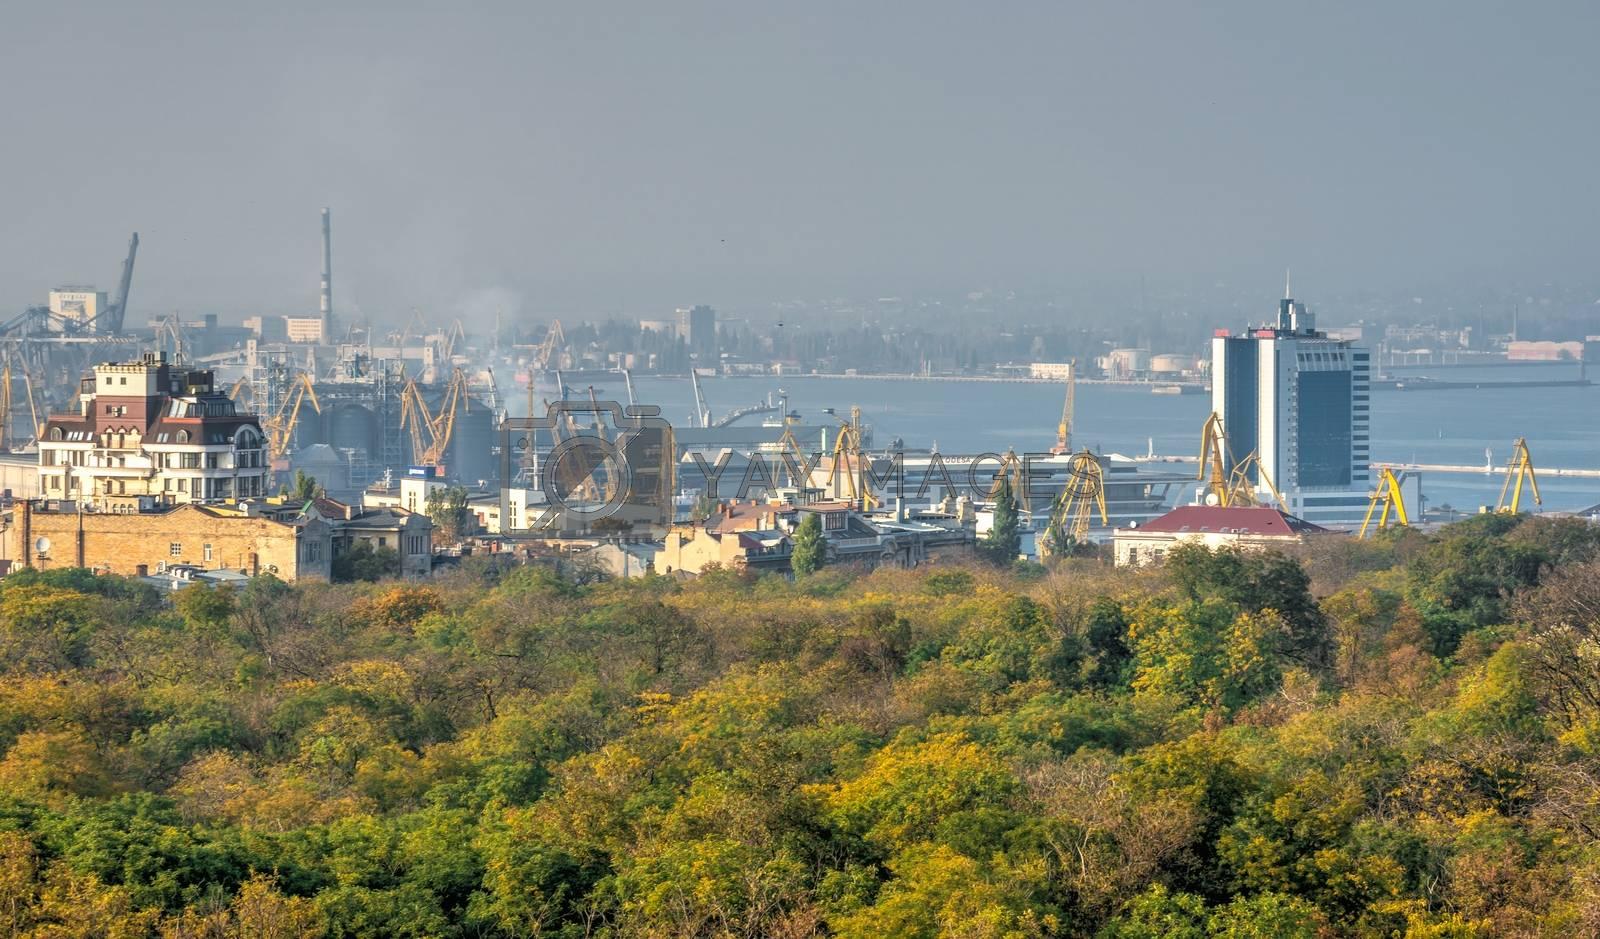 Odessa, Ukraine 03.08.2020. Top view of Shevchenko Park in Odessa, Ukraine, on a sunny spring day